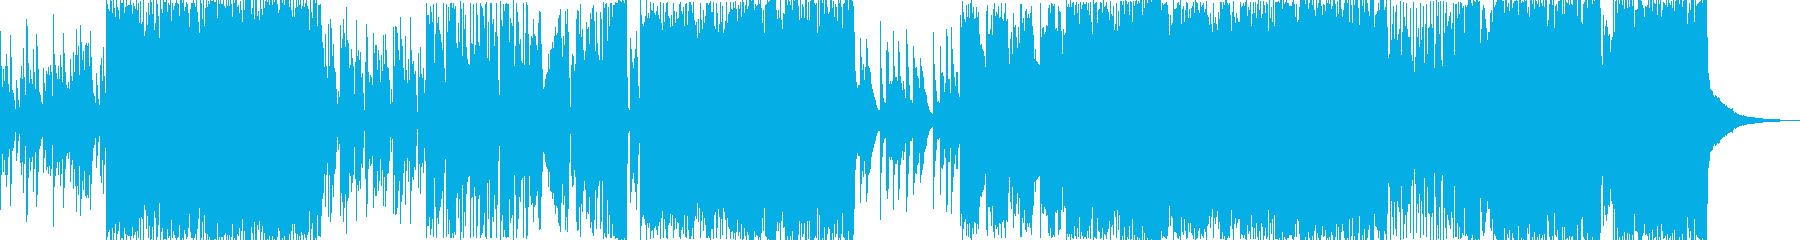 花火をイメージしたしっぽりEDMの再生済みの波形